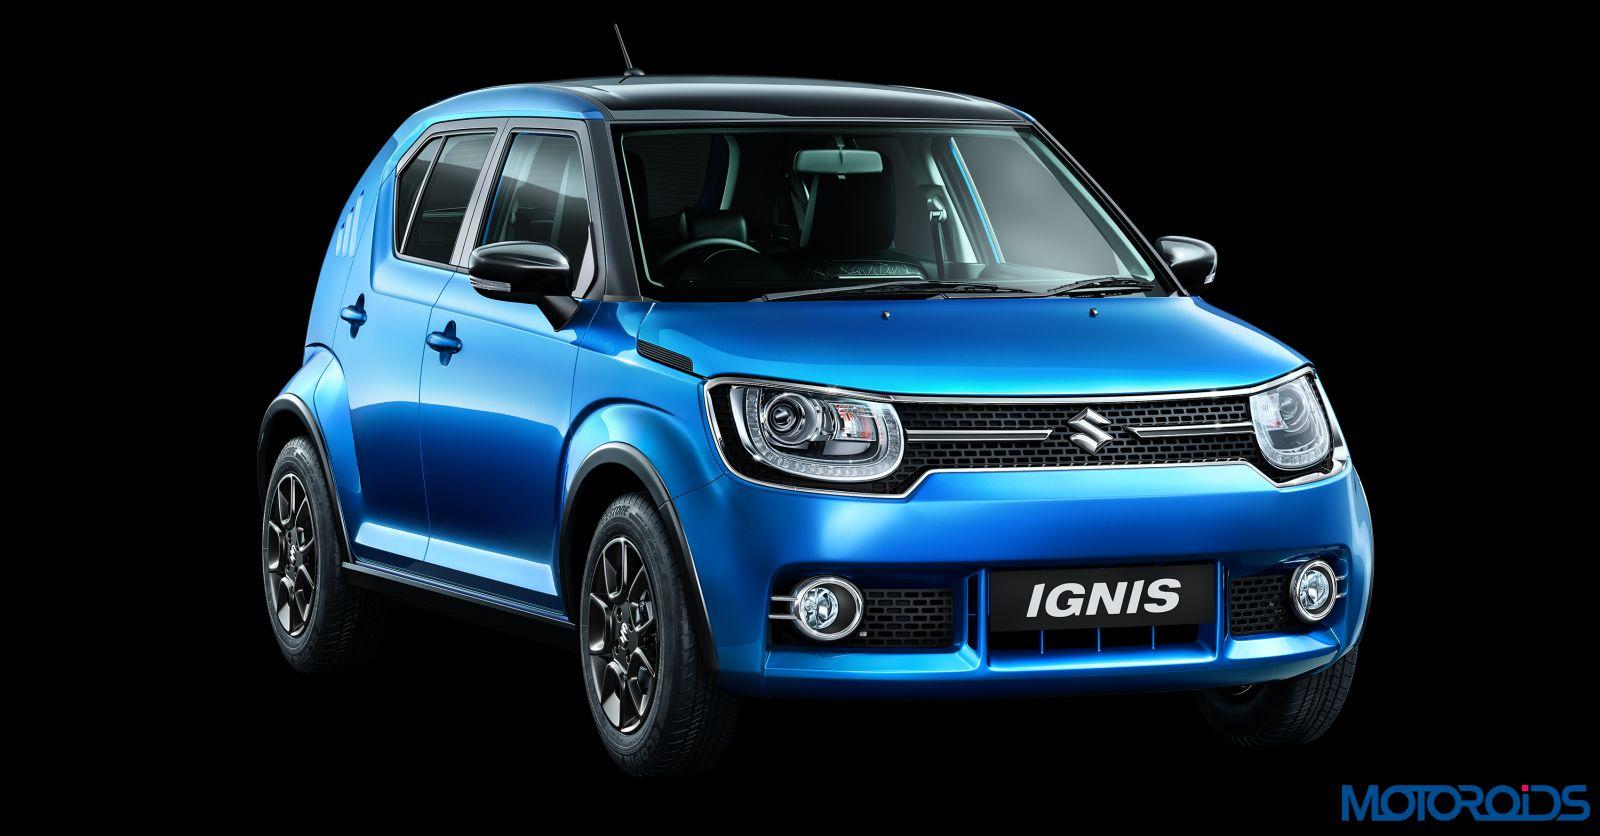 India-spec-Maruti-Suzuki-Ignis-1